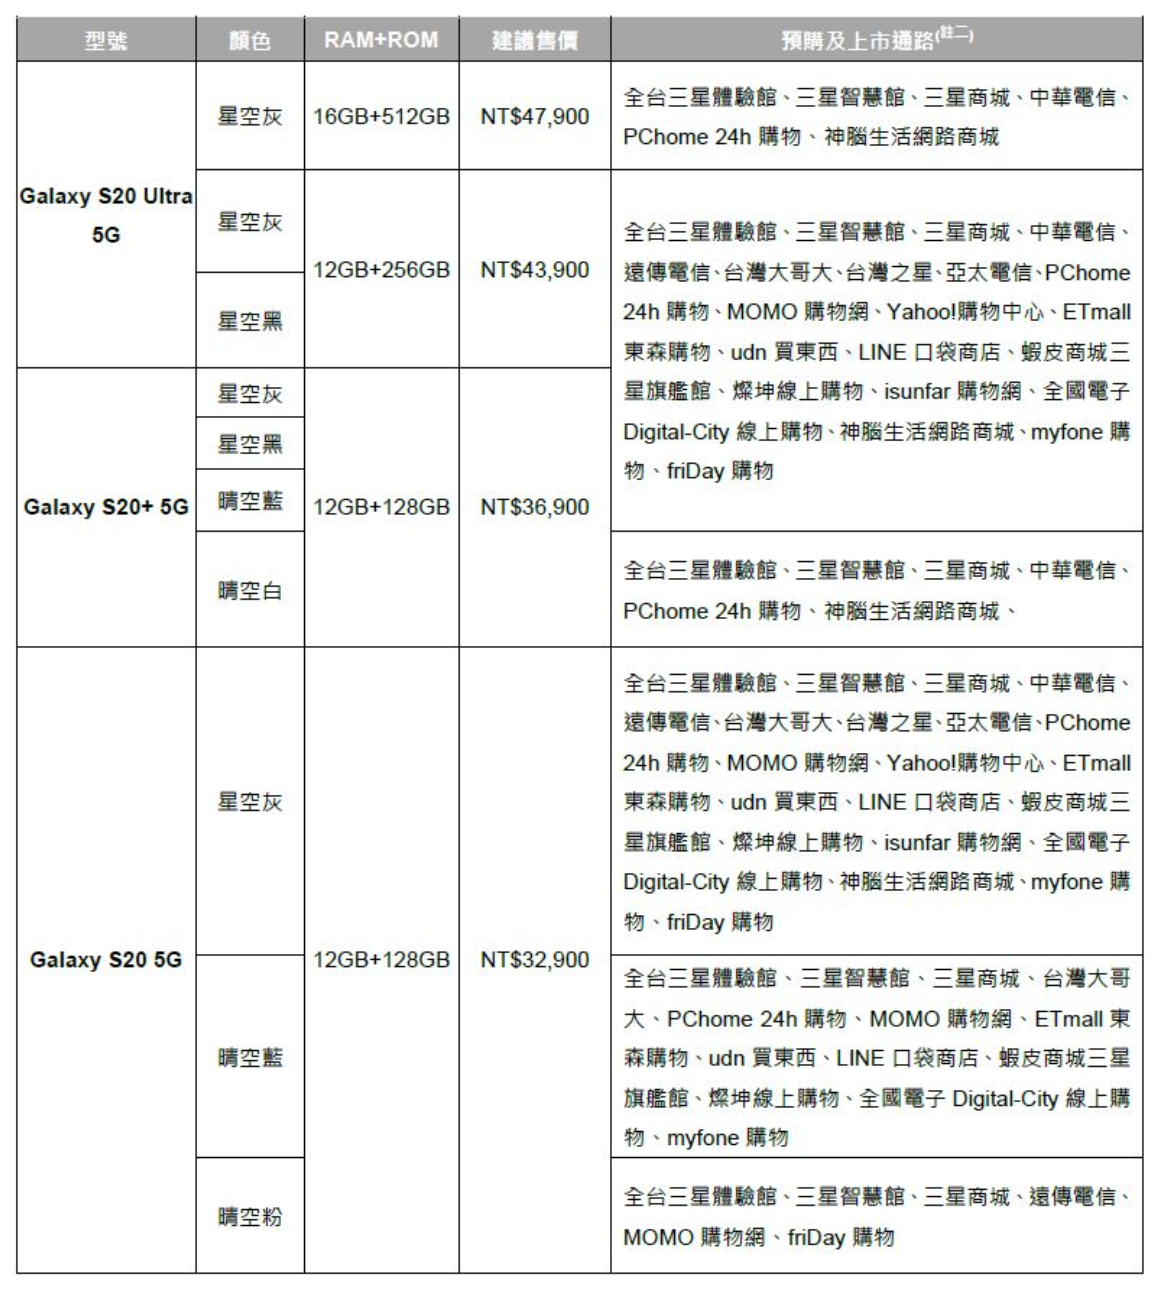 S20 購機懶人包!三星 Galaxy S20 系列台灣上市價格 / 預購 / 優惠整理!3/10 開始預購!3/20 全通路上市! @3C 達人廖阿輝